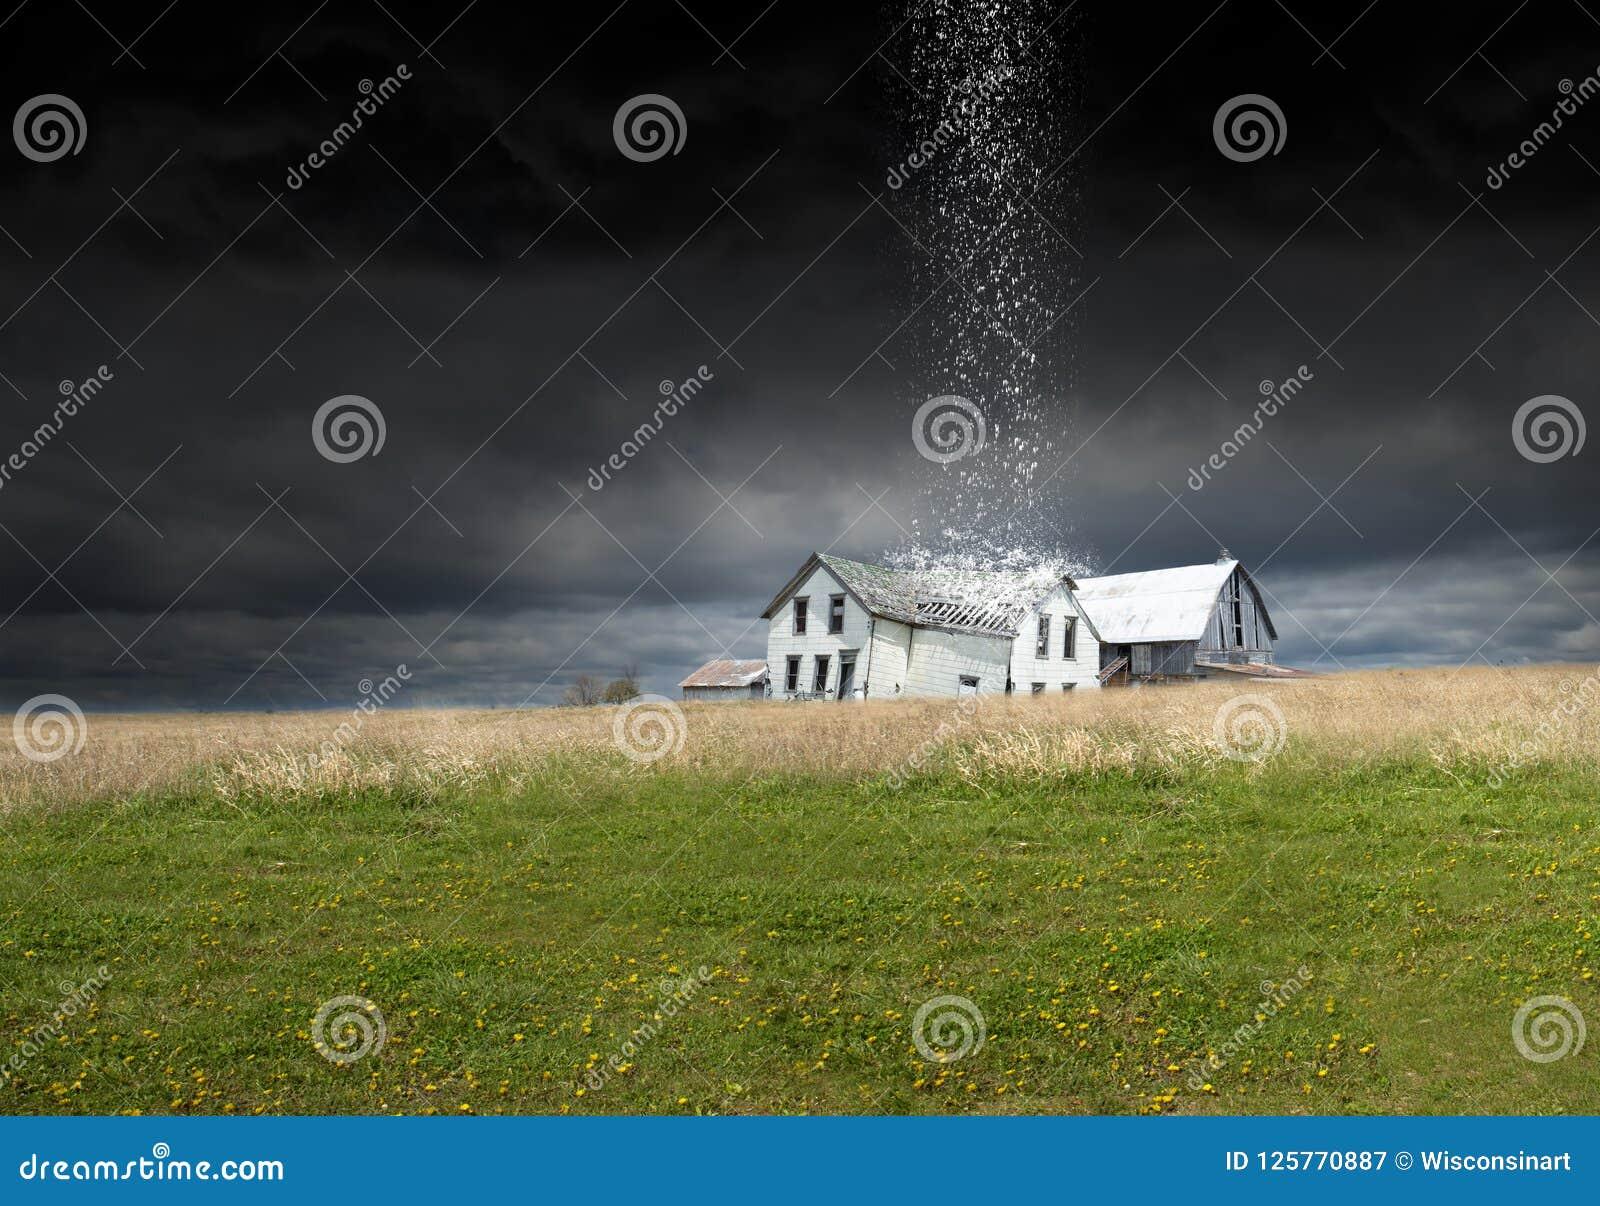 Overklig regnstorm, väder, lantgård, ladugård, lantbrukarhem